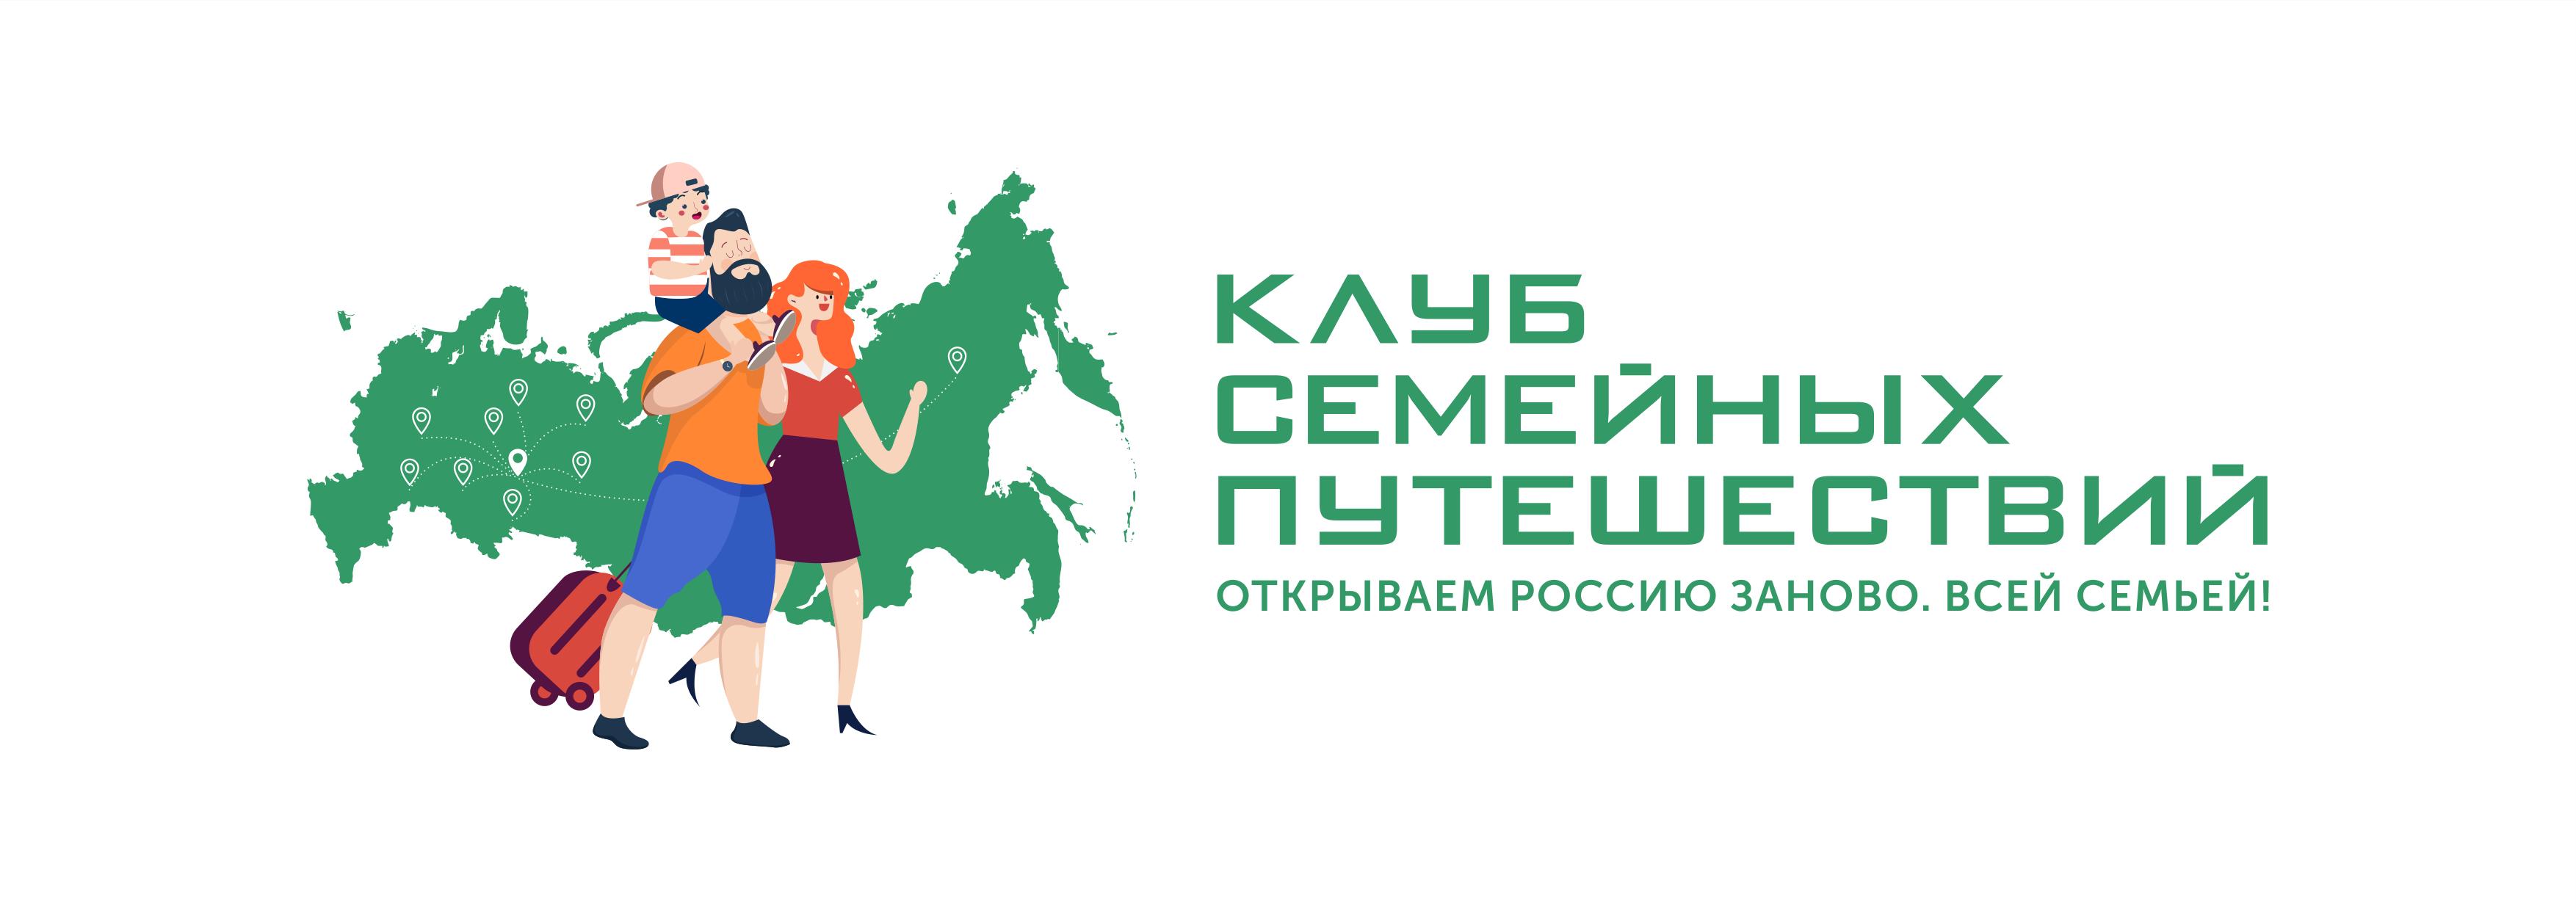 Всероссийский конкурс творческих работ «Открываем Россию заново. Всей семьей!»